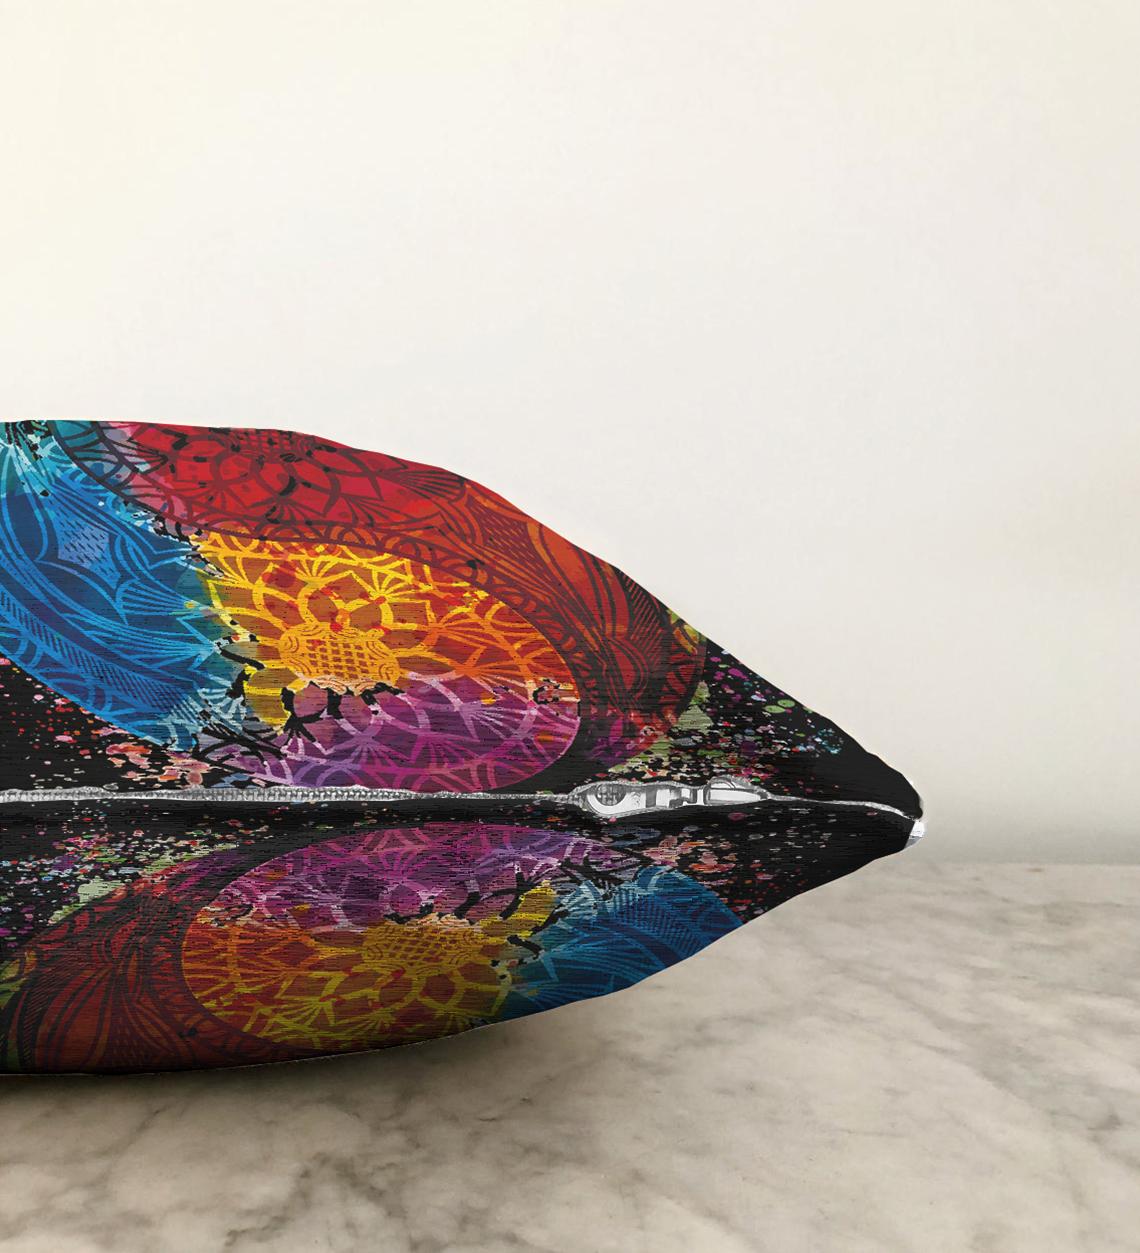 Siyah Zeminde Renkli Uzak Doğu Denge İkonlu Çift Taraflı Dijital Baskılı Şönil Yastık Kırlent Kılıfı - 55 x 55 cm Realhomes